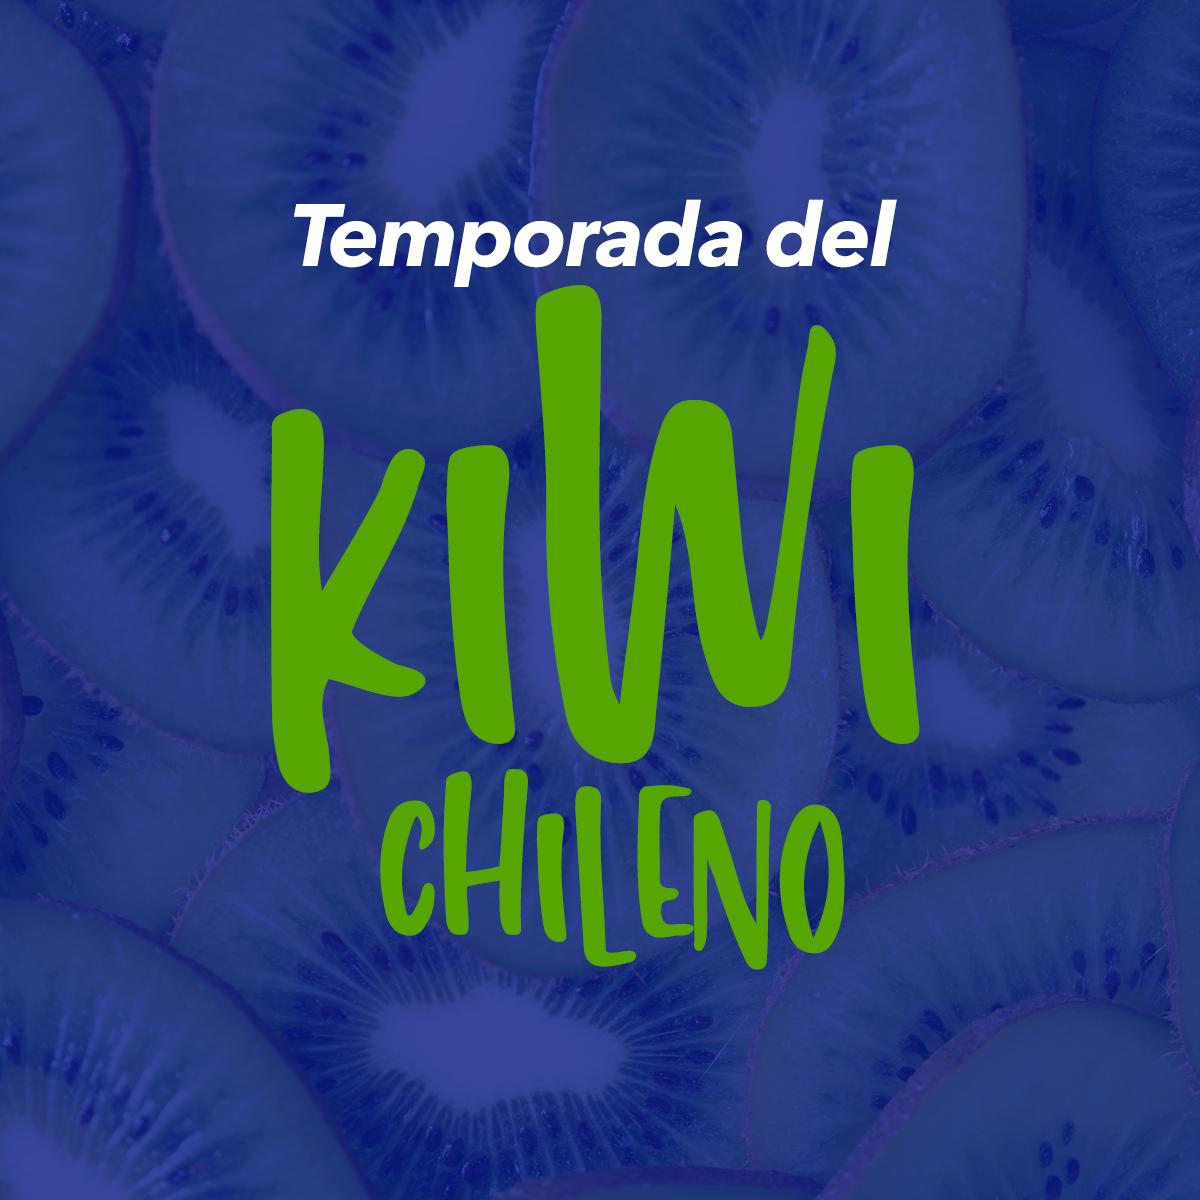 KIWI-WEB